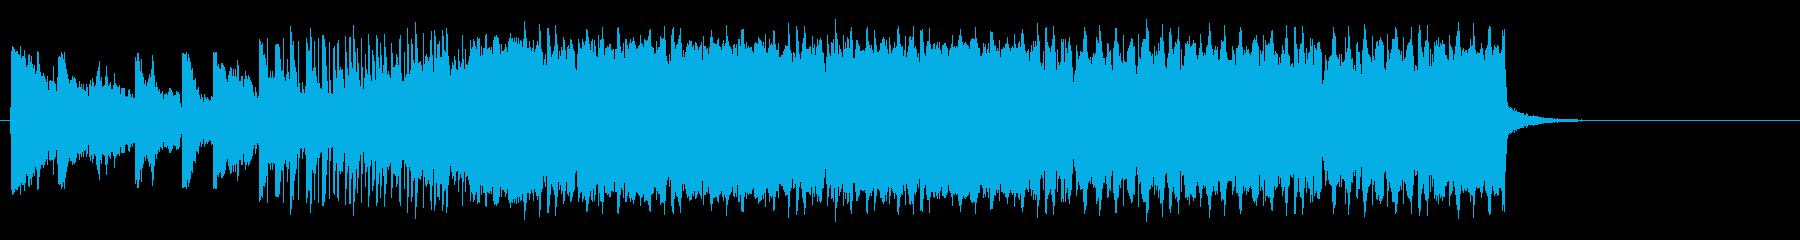 コード感がかっこいいドラムンベースの再生済みの波形